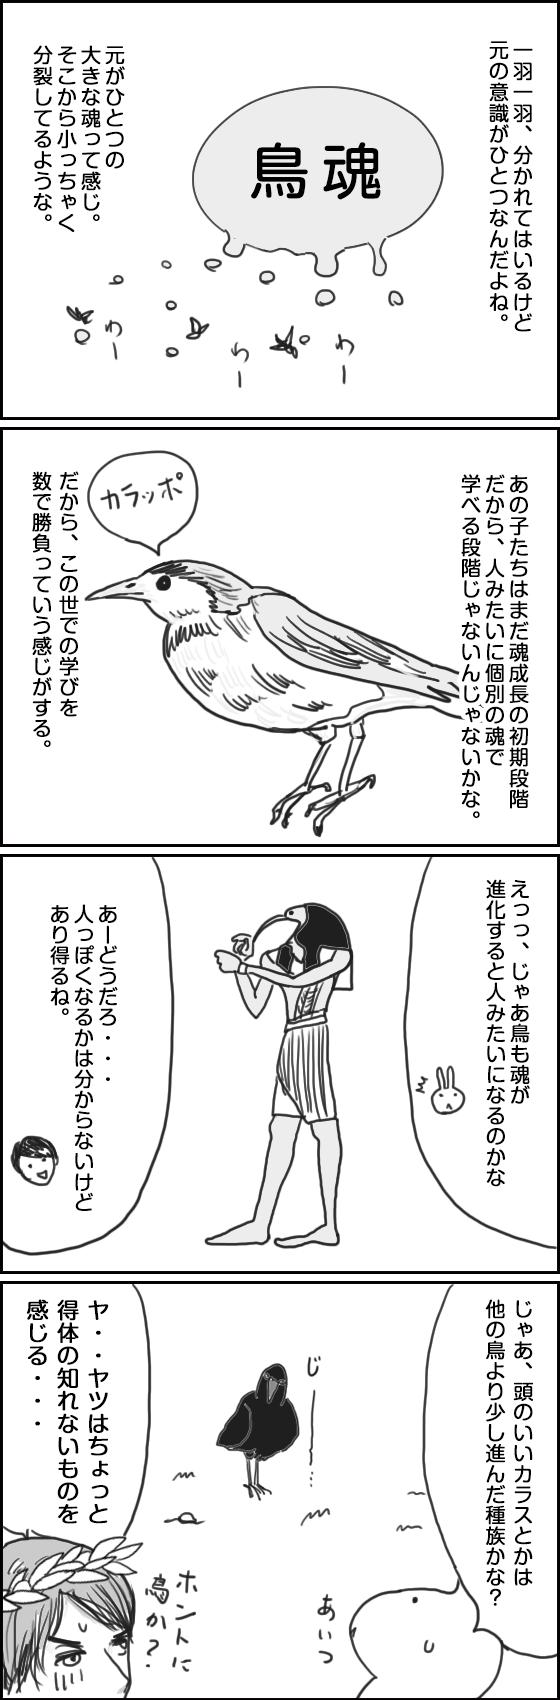 鳥にも魂ってあるのかな?(2)